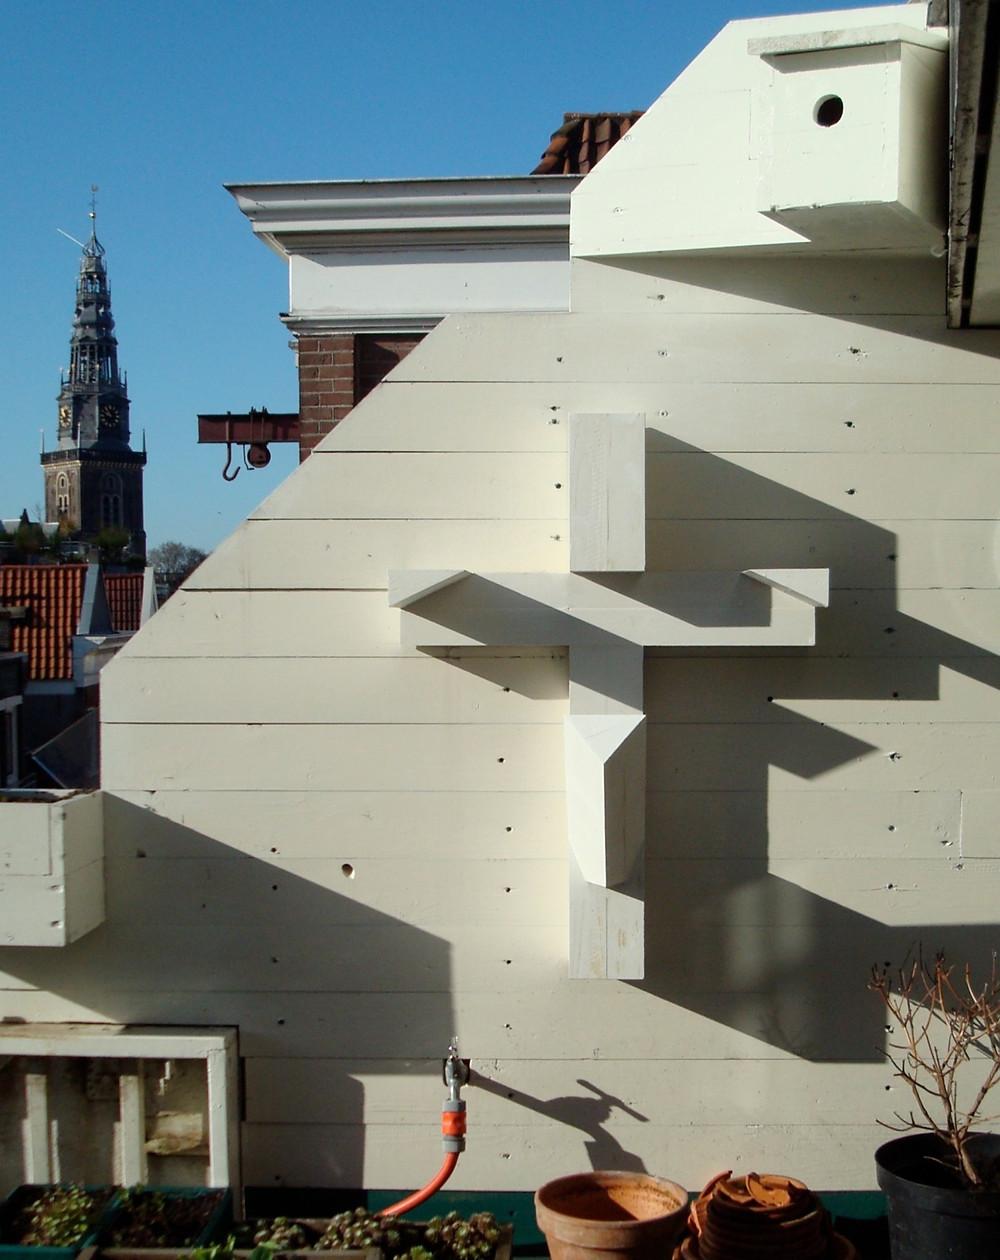 A cross sculpure by Keith Milow in Warmoesstraat, Amsterdam. NL.